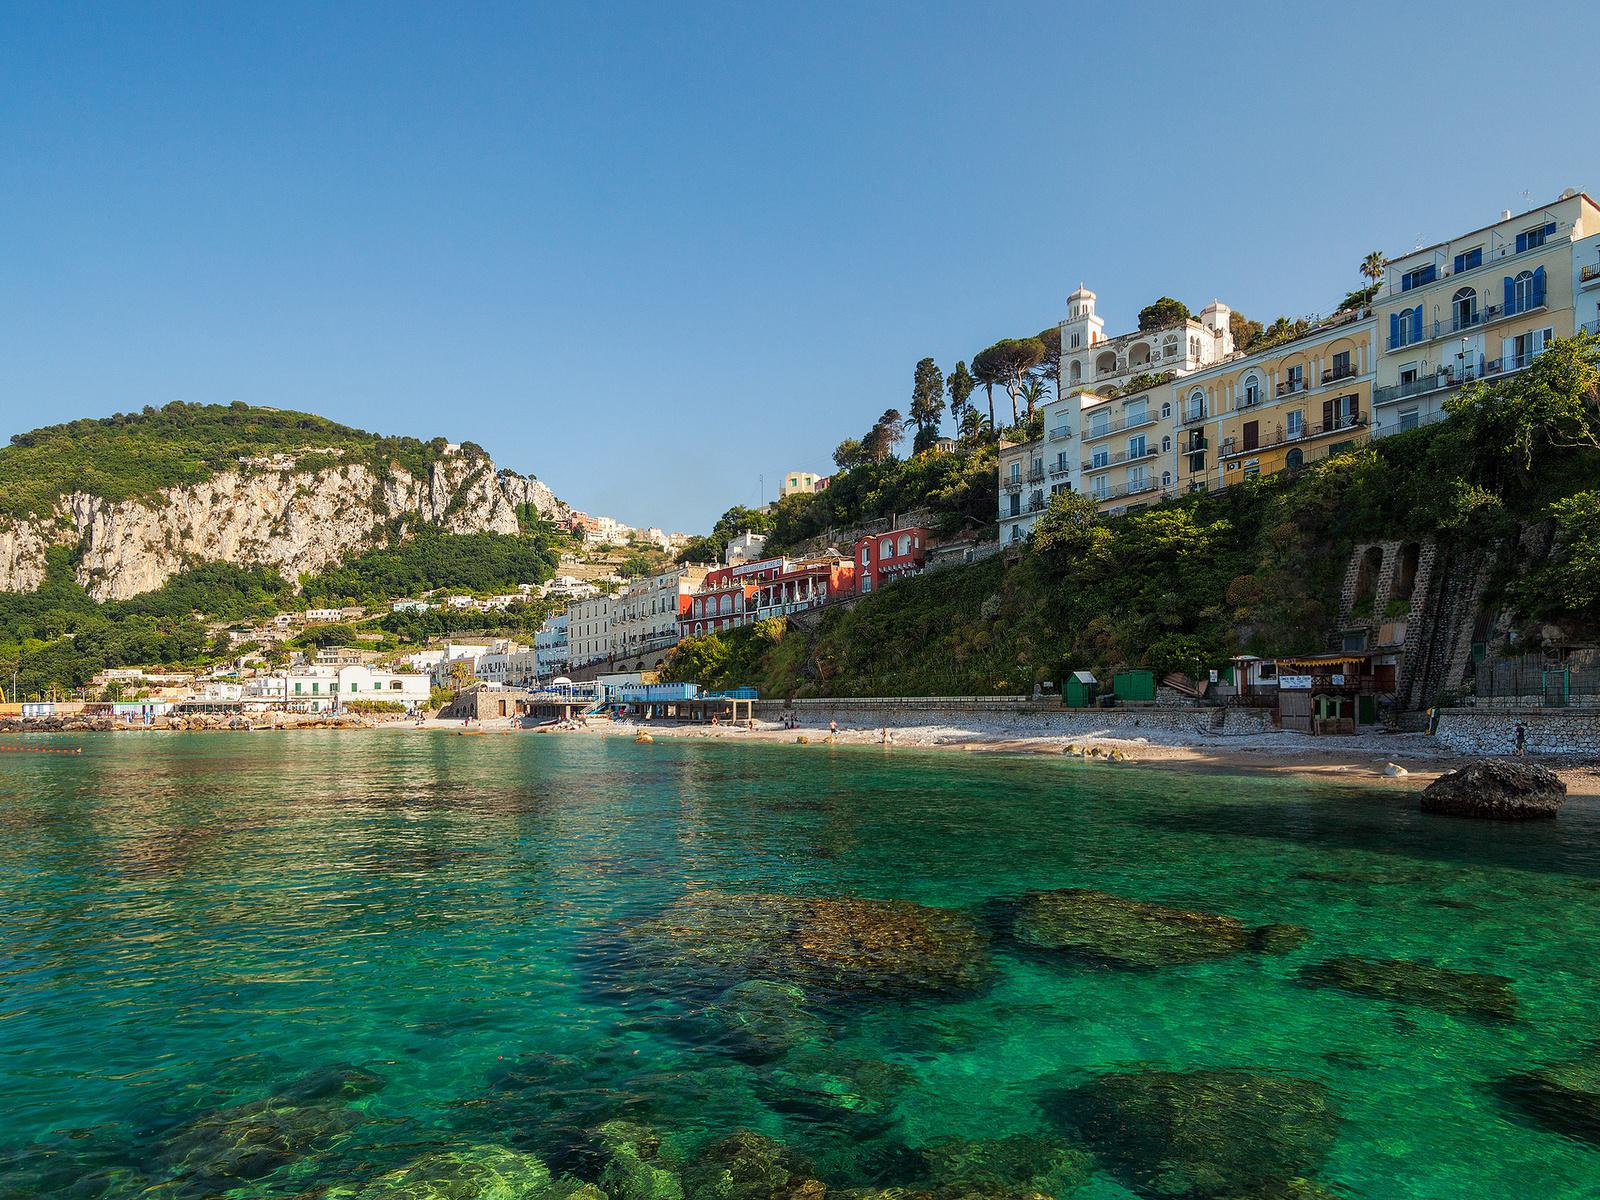 анакапри, остров, город, Anacapri, capri, italy, капри, porto marina grande